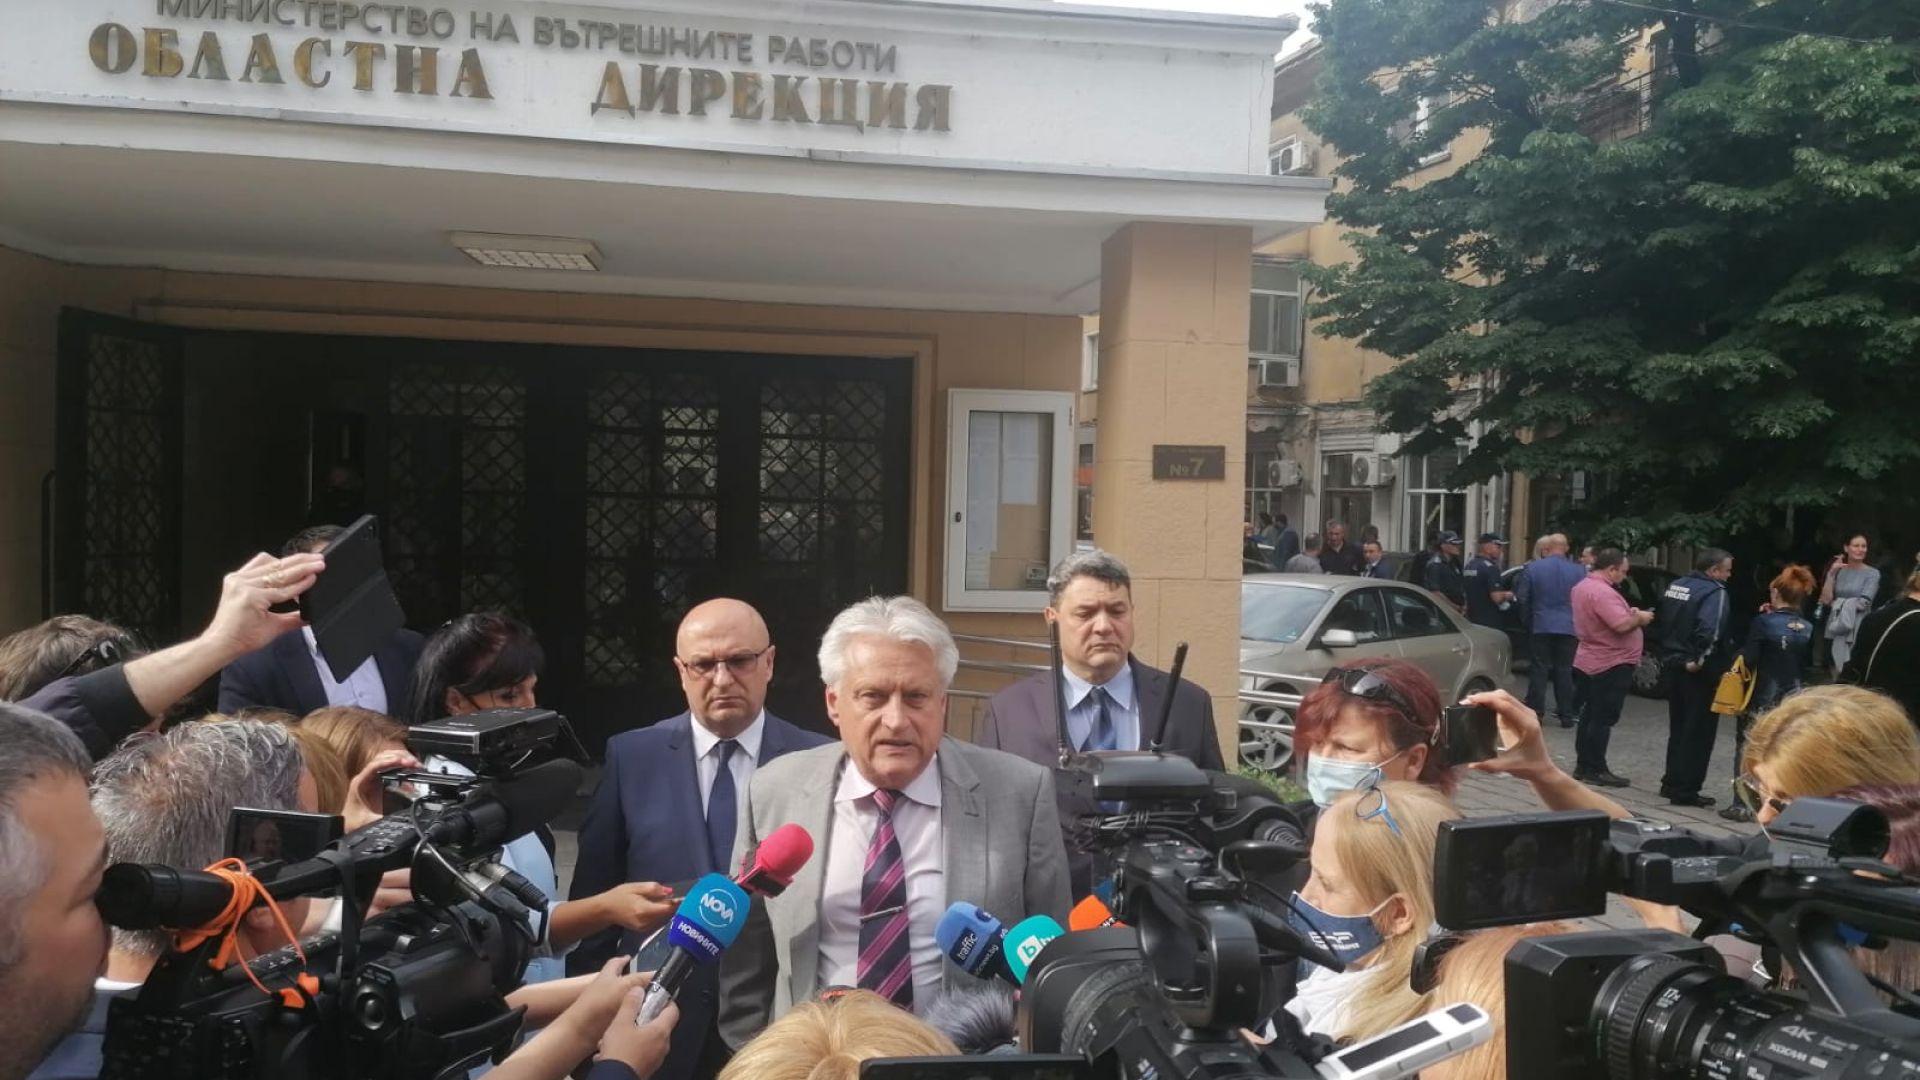 Рашков направи кадрови промени в полицията в Пловдив: Арестът на 7 служители е удар по МВР